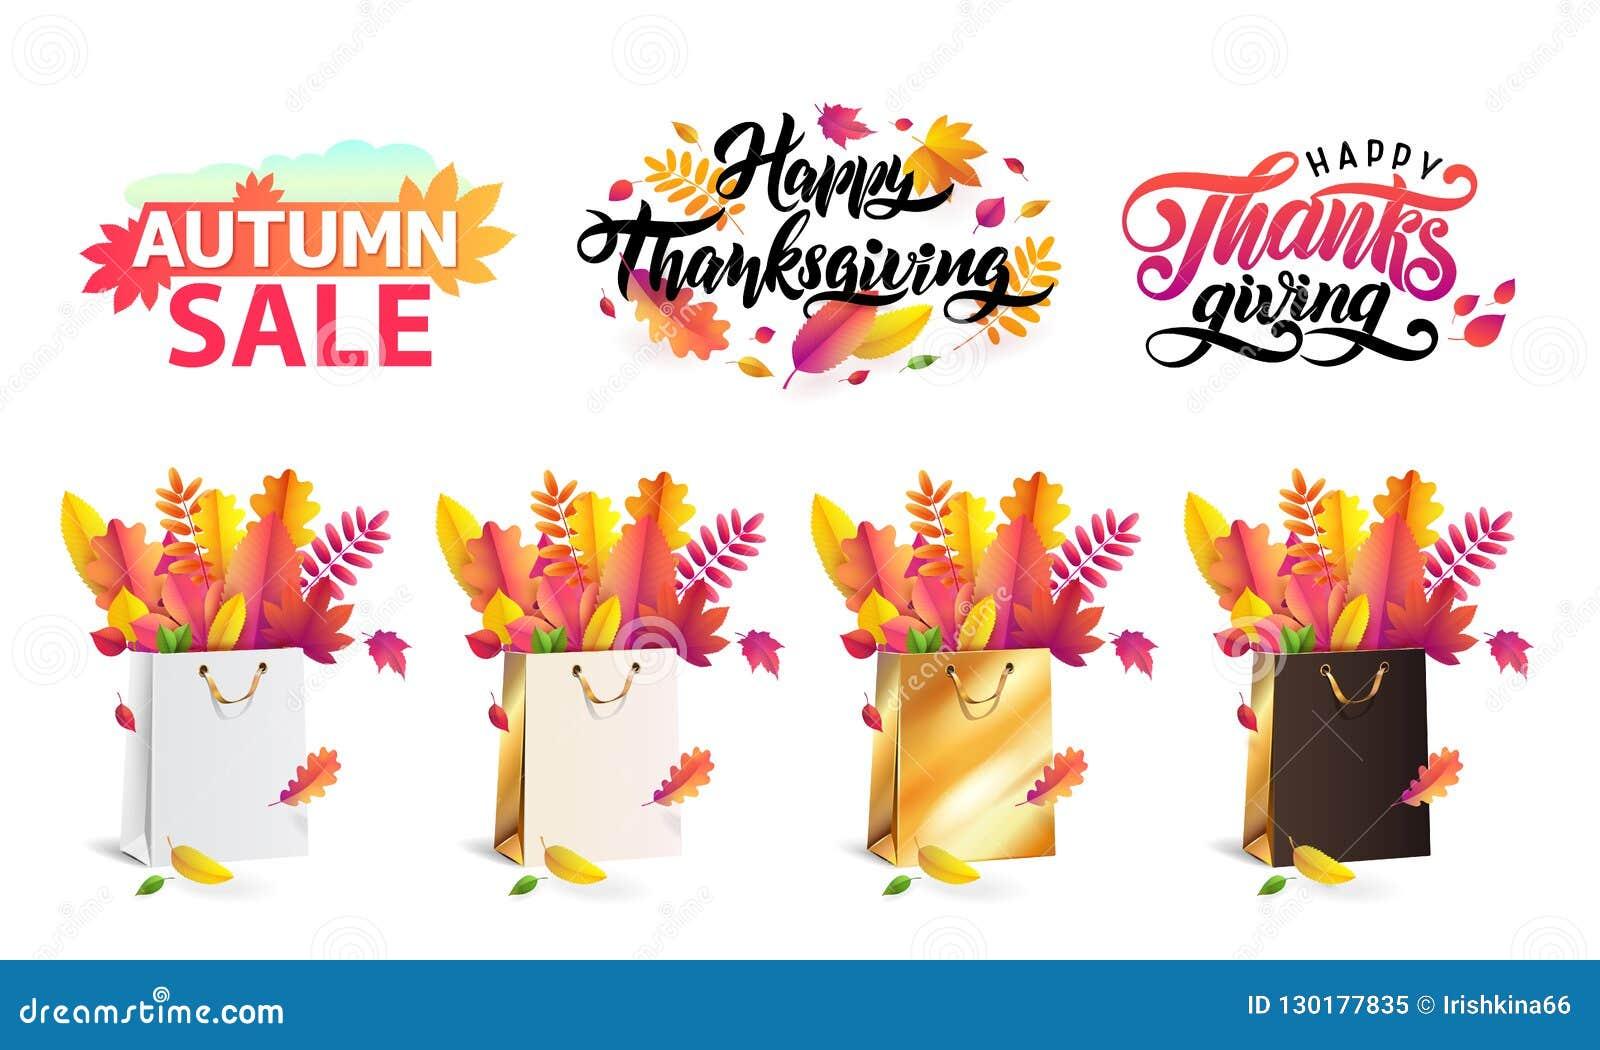 De vector vastgestelde de herfst gevallen bladeren in gift die doet goud, zwart wit in zakken, winkelen Dankzegging het van lette